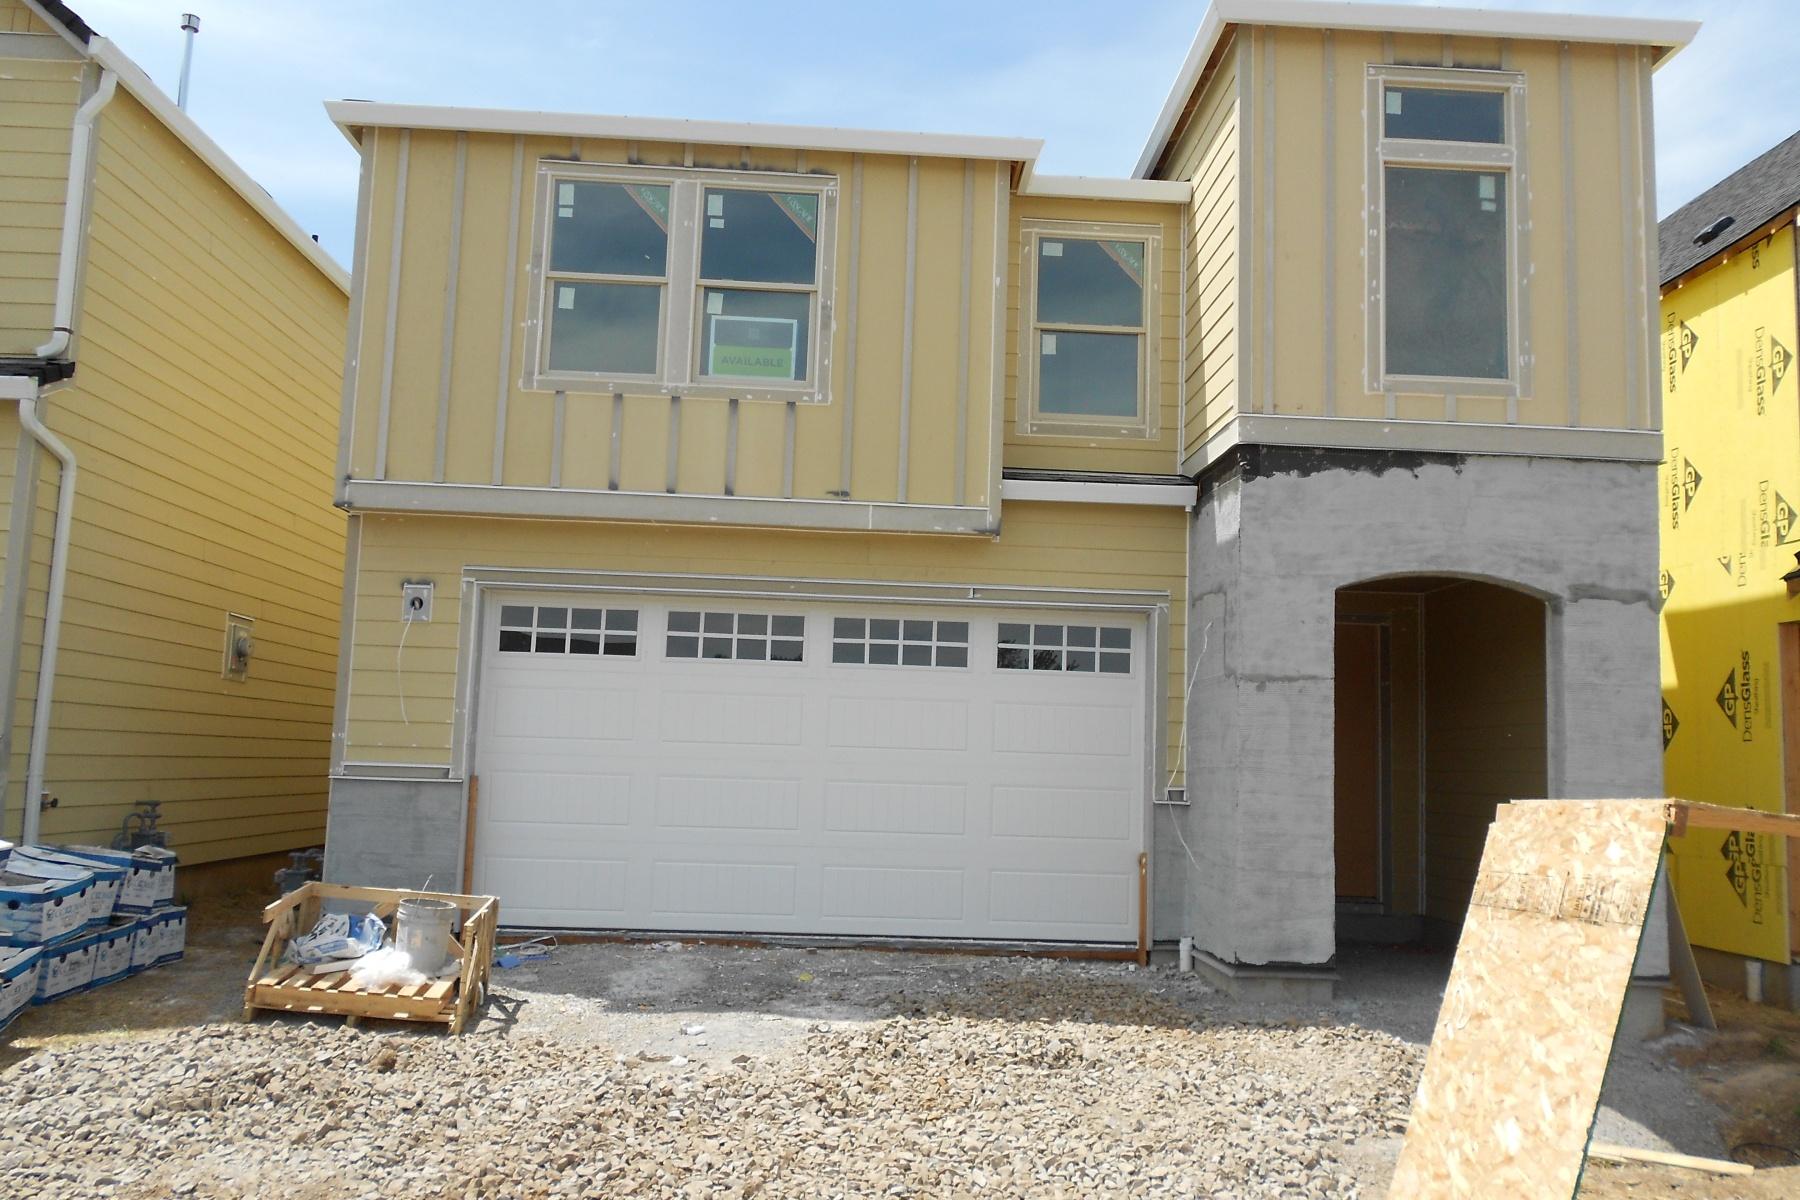 Single Family Home for Sale at 2539 Lorenz St , Camas, WA 98607 2539 NW Lorenz St Camas, Washington 98607 United States